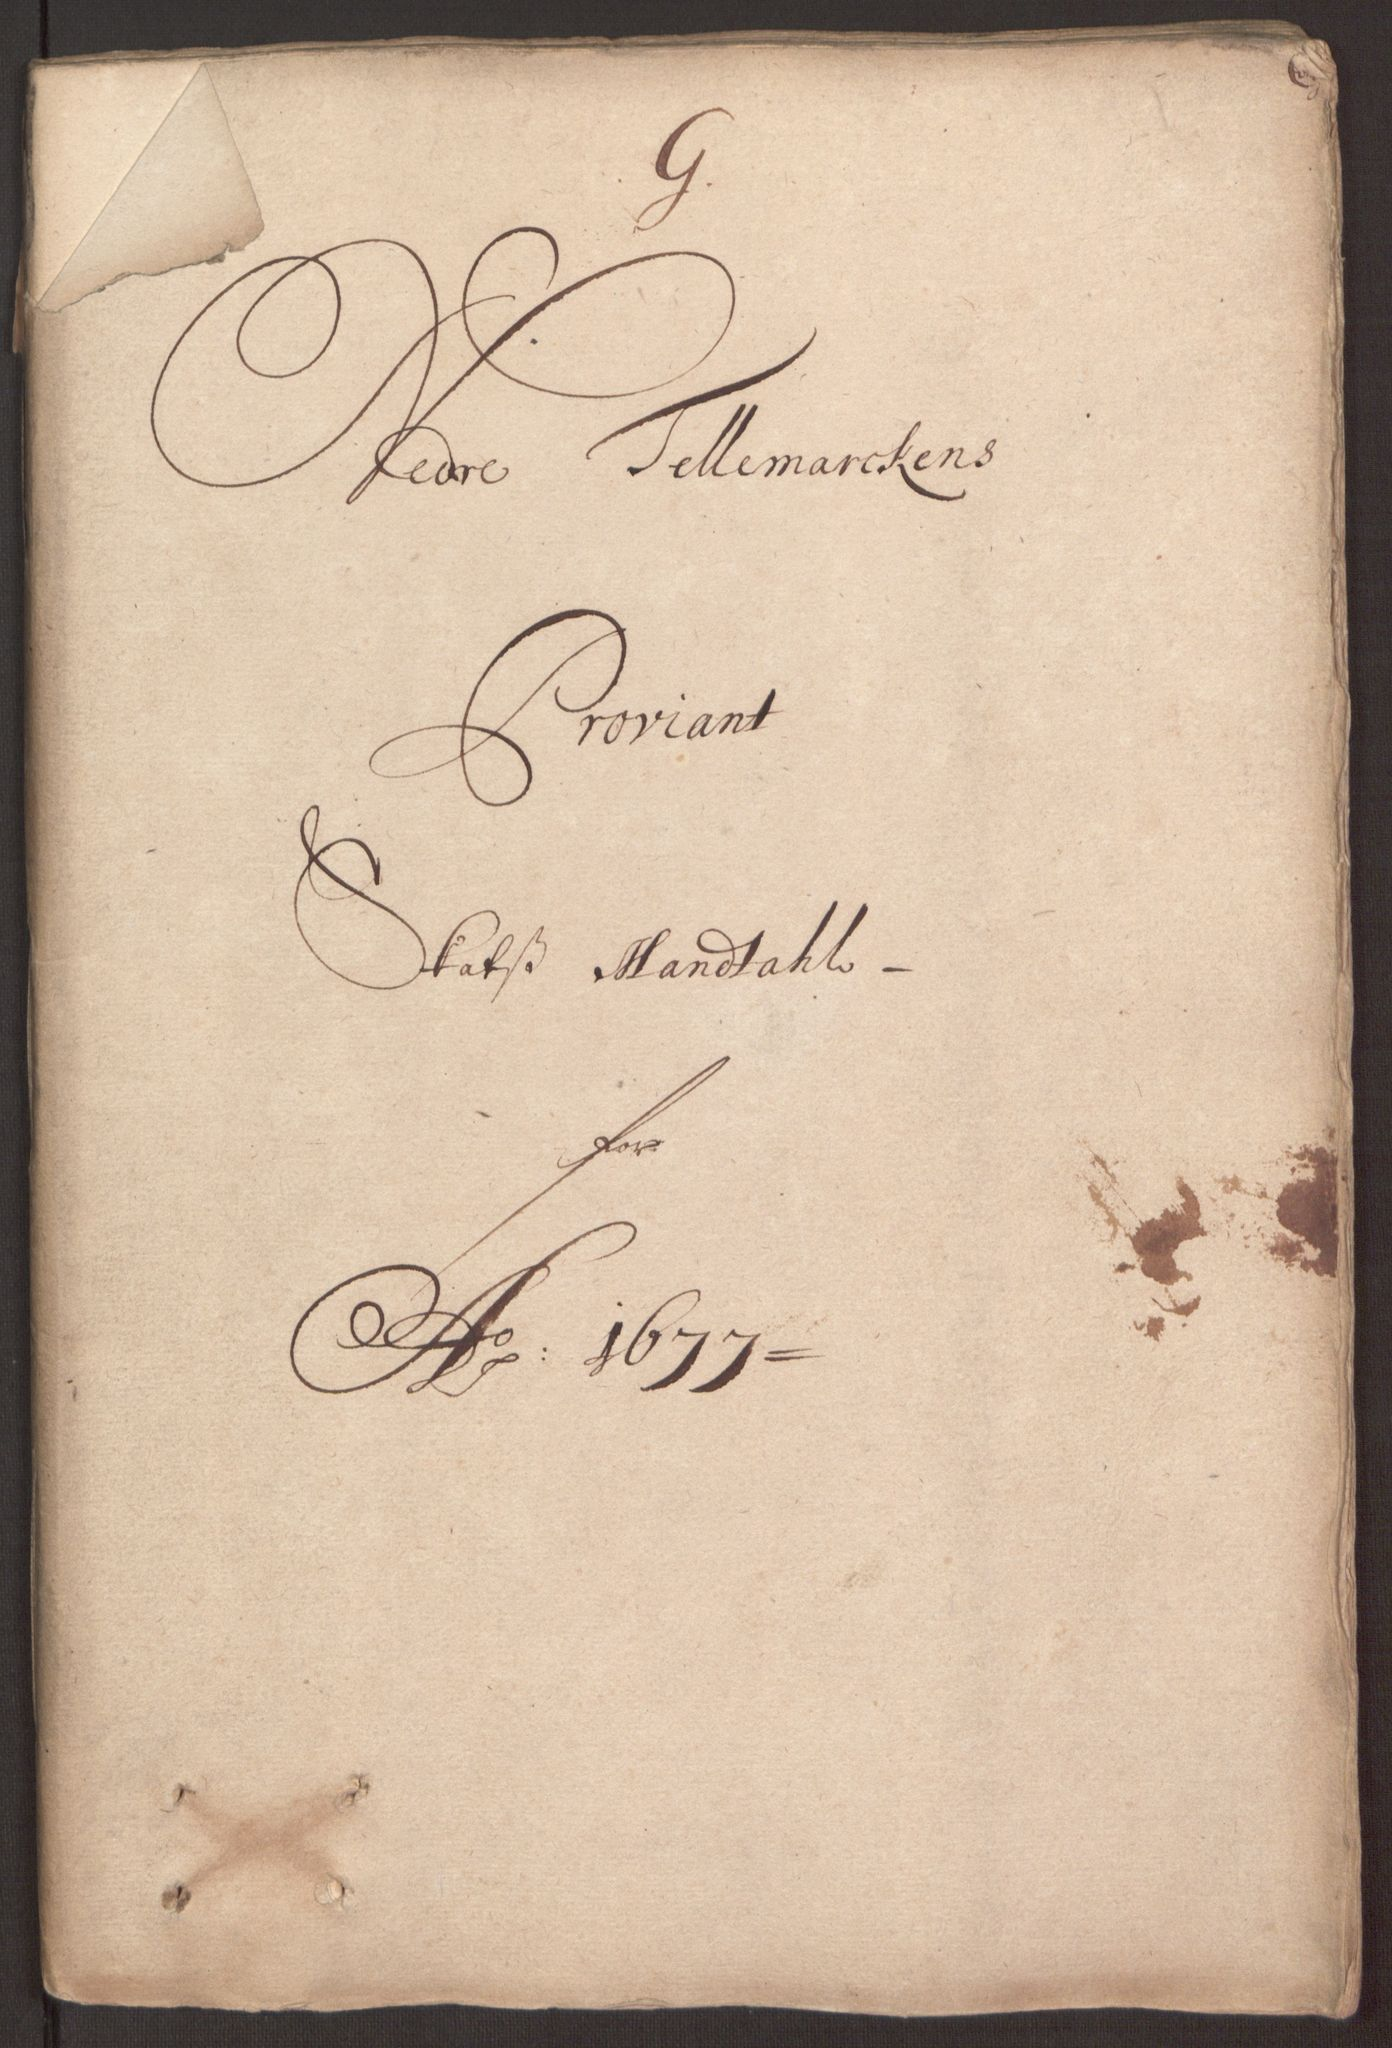 RA, Rentekammeret inntil 1814, Reviderte regnskaper, Fogderegnskap, R35/L2068: Fogderegnskap Øvre og Nedre Telemark, 1677, s. 137